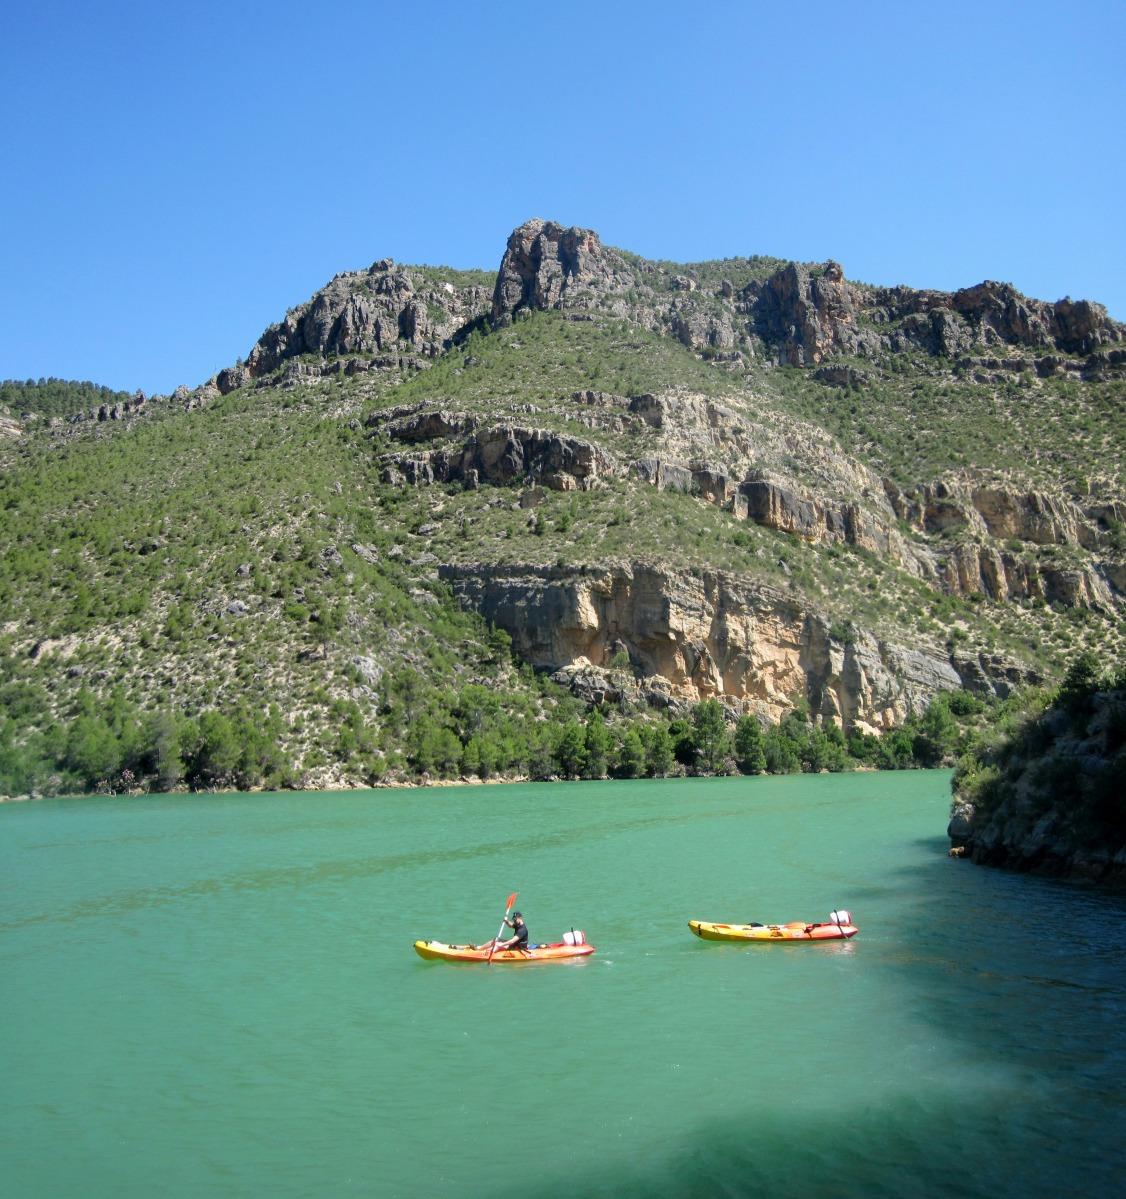 Cortes de Pallás - Ruta en piragua desde Cofrentes por el pantano de Cortes